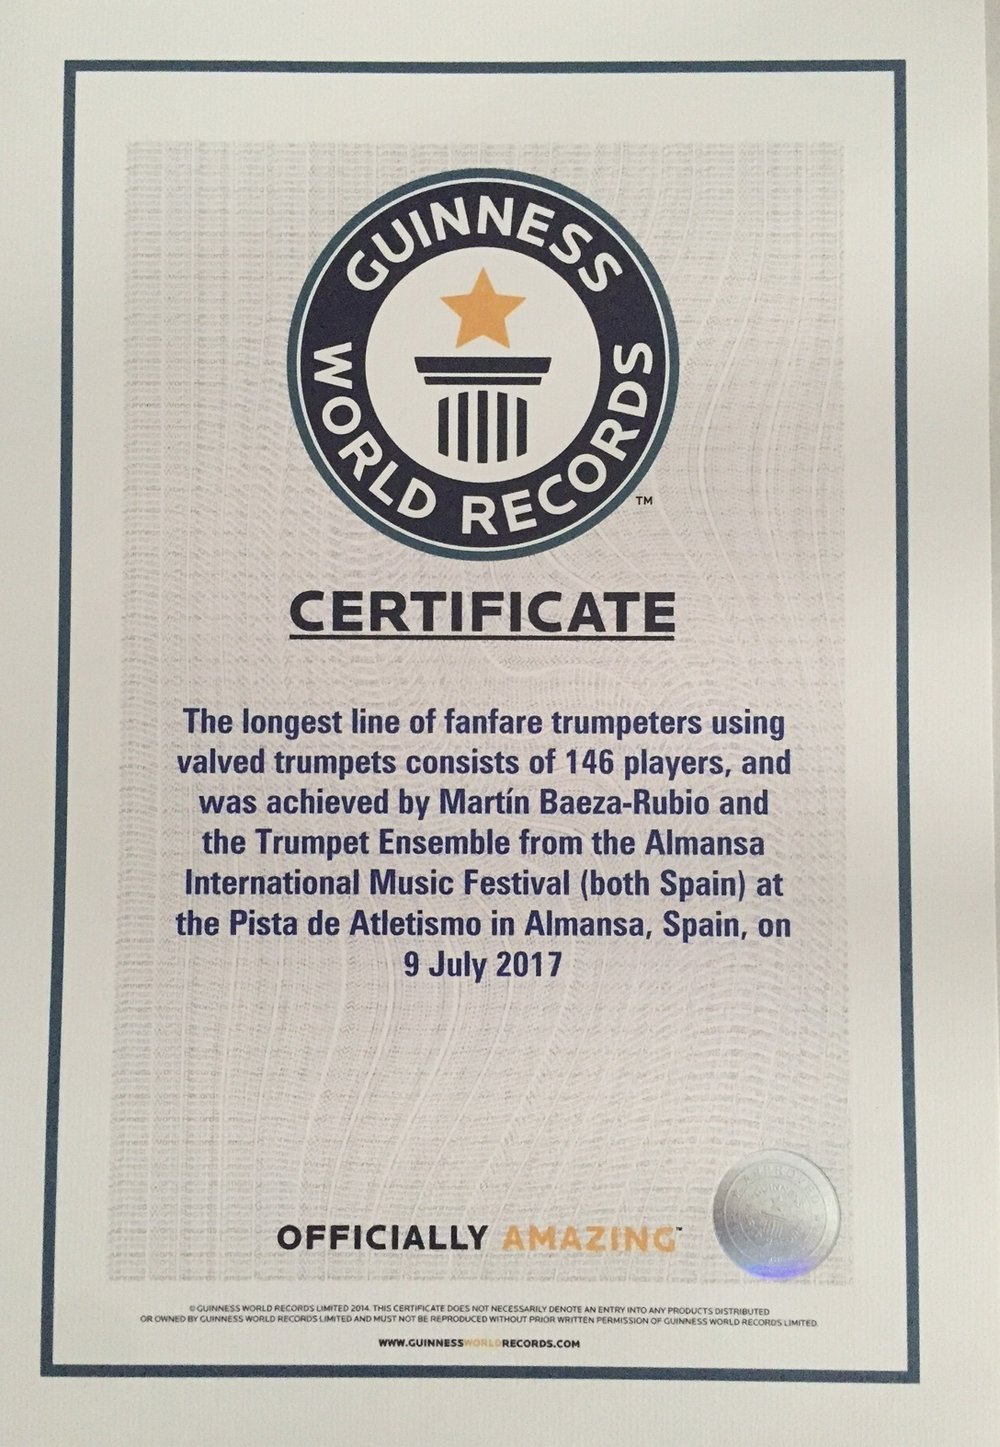 Guinness Certificate.JPG